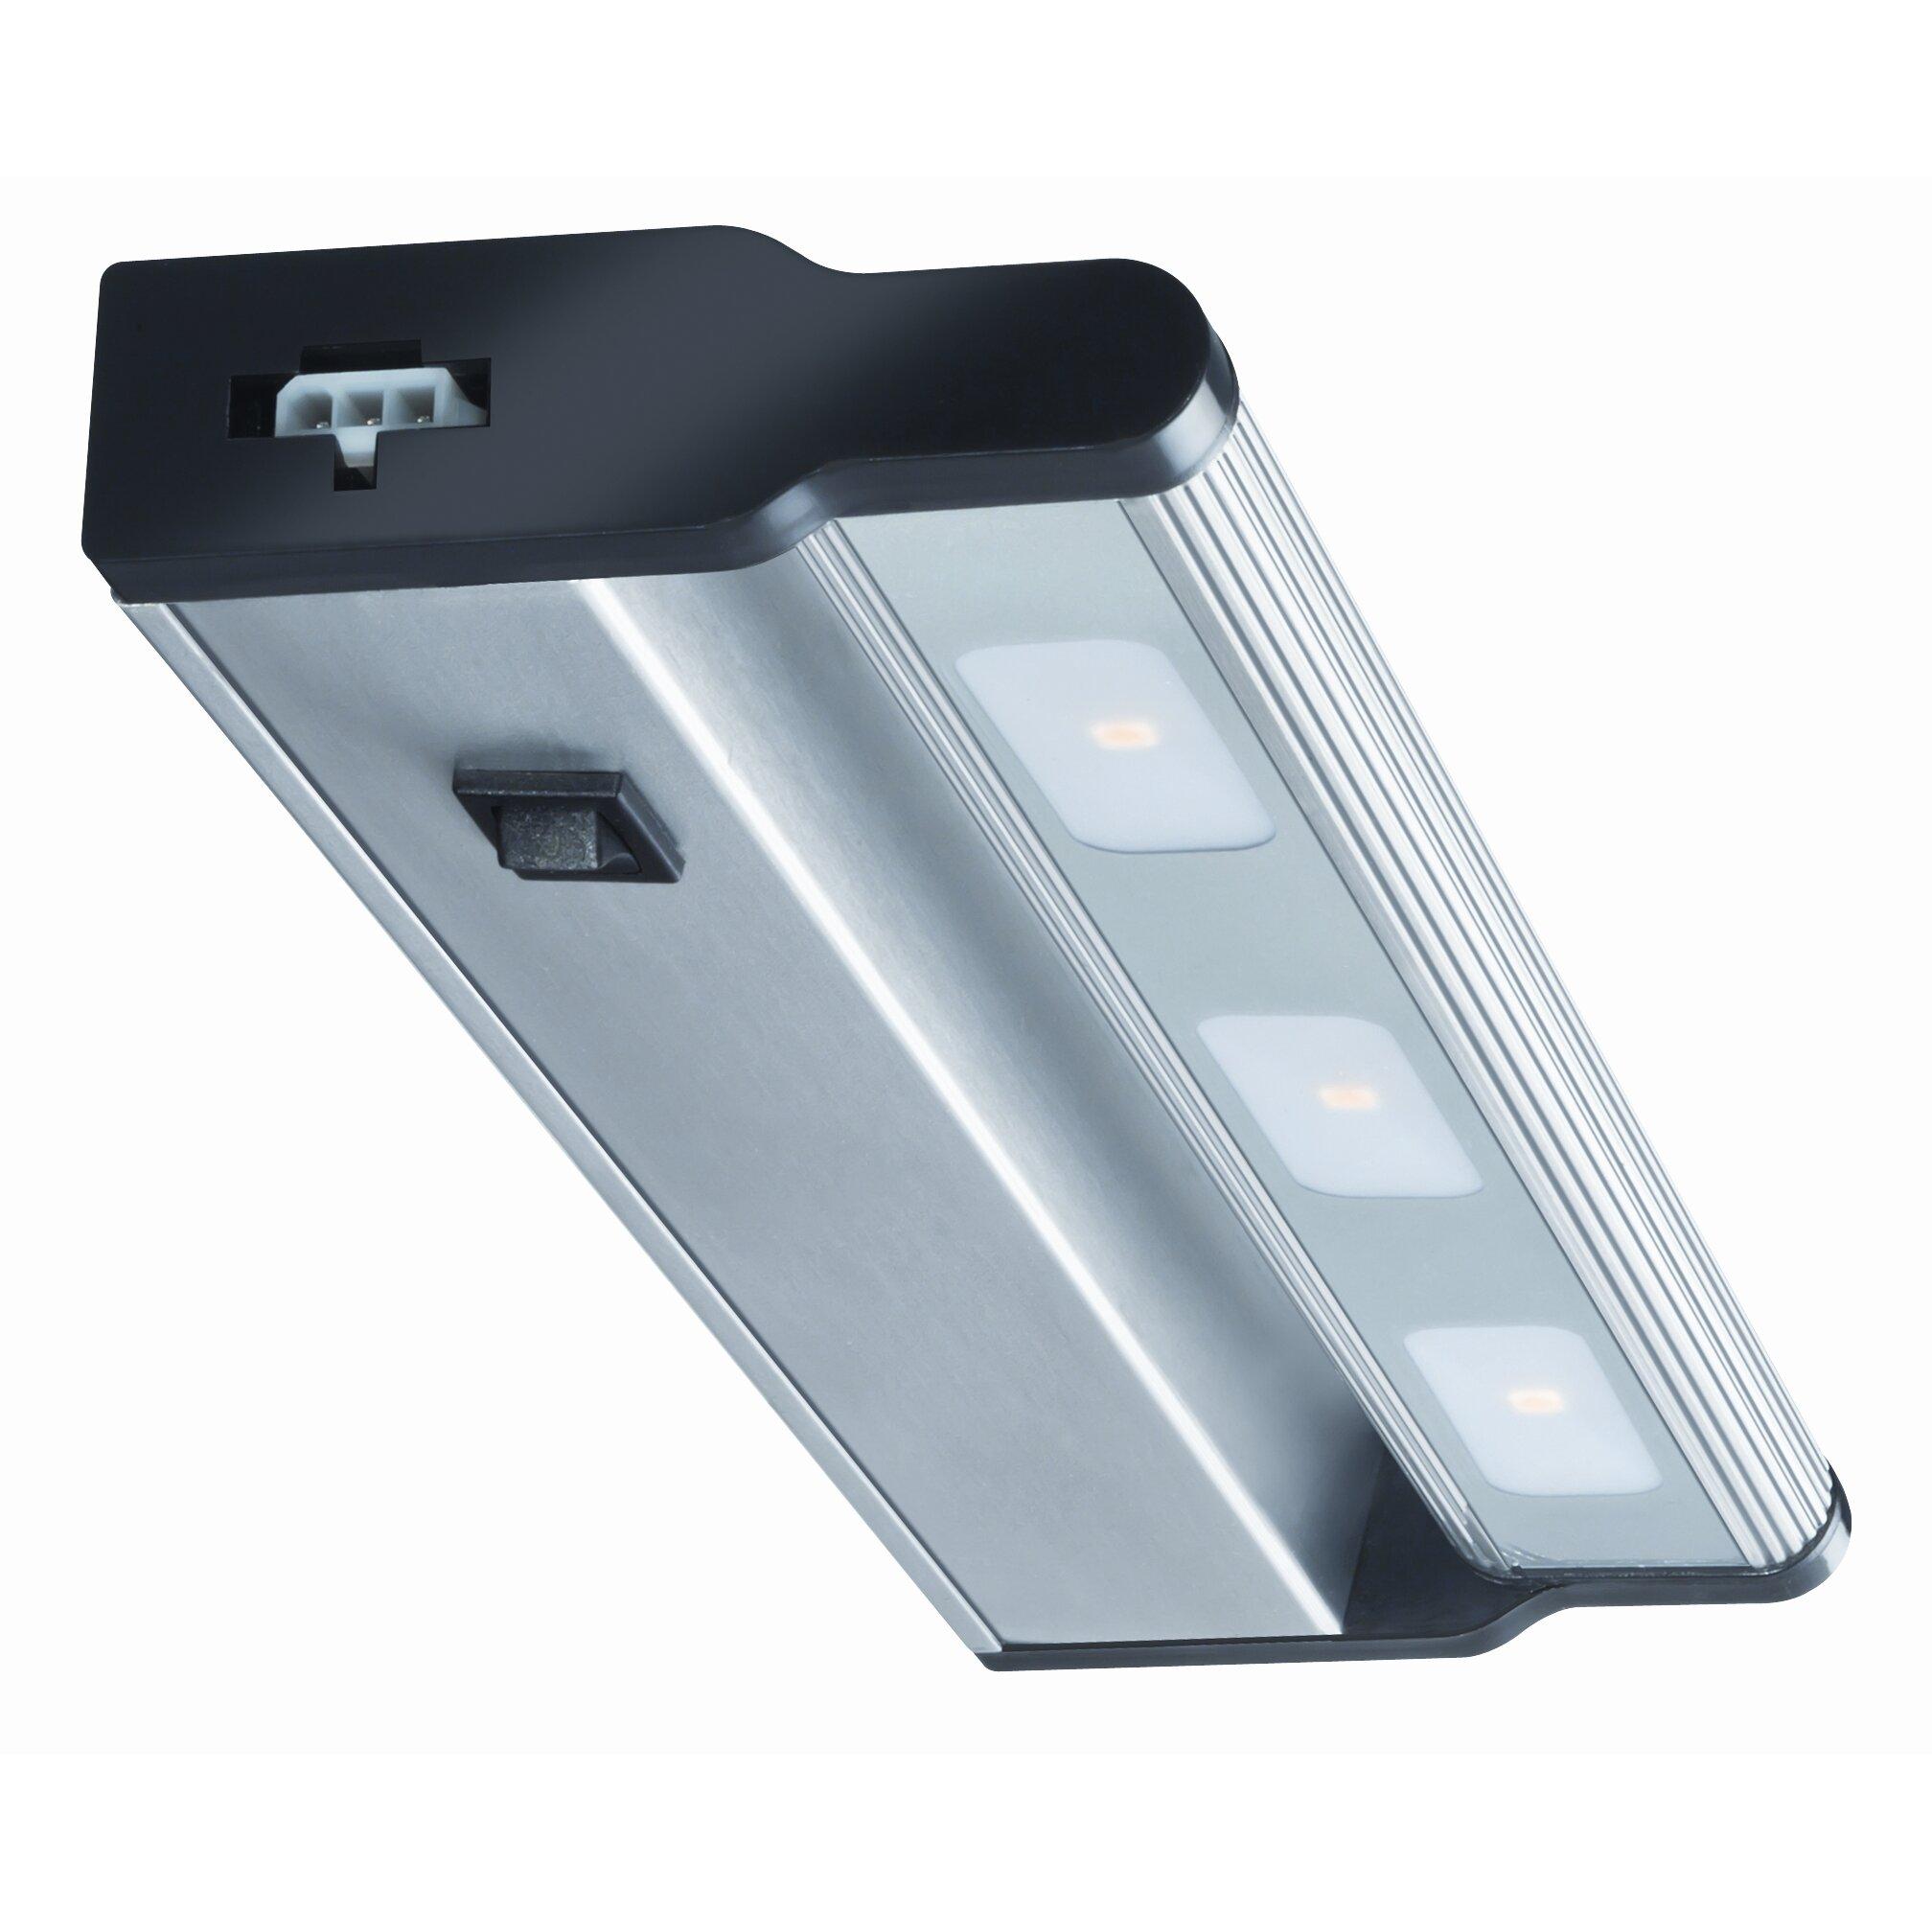 Led Ramp Under Koksskap : 12 LED Under Cabinet Bar Light by Lithonia Lighting